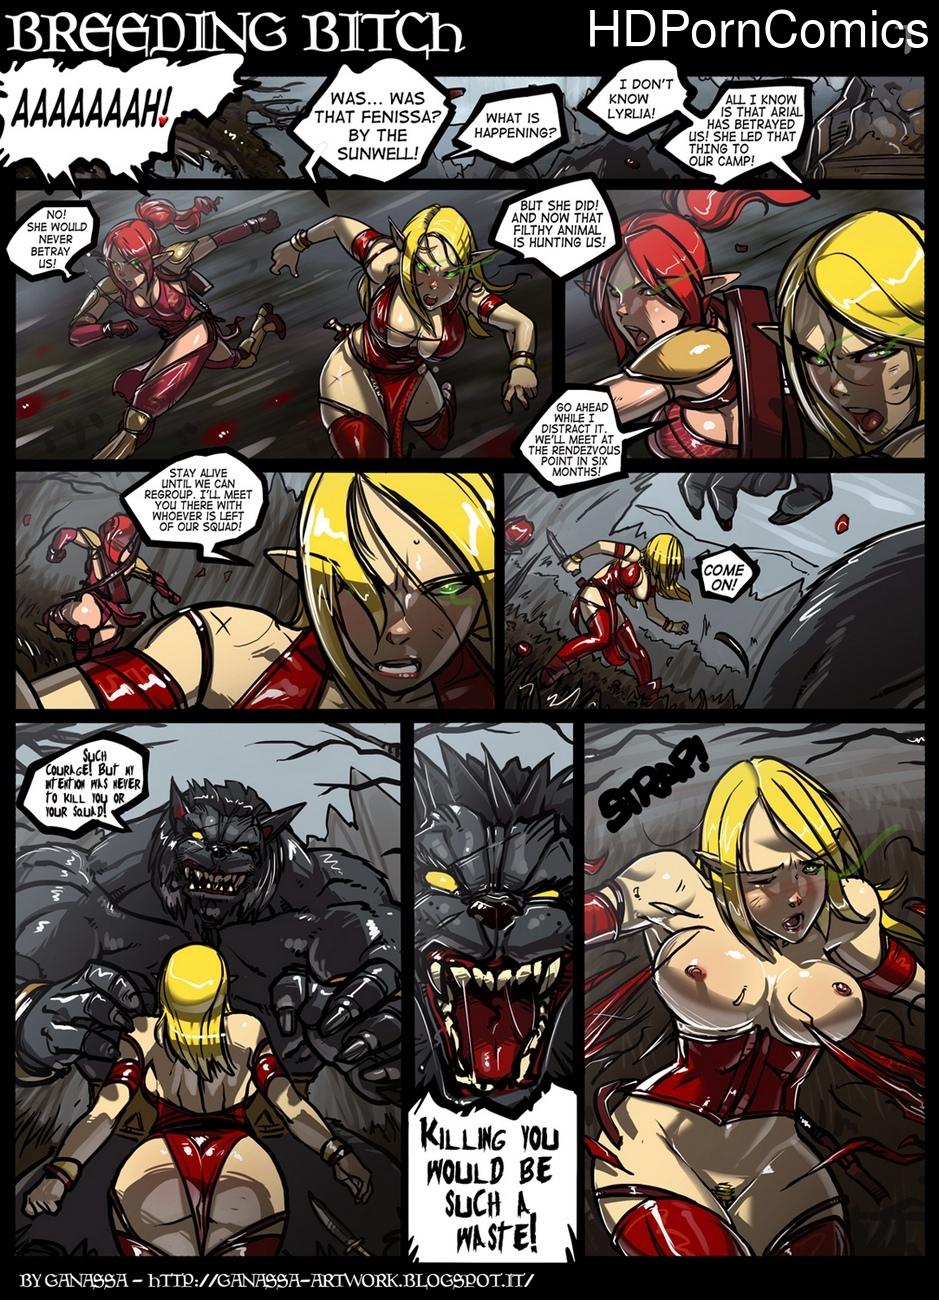 Breeding-Bitch-1 1 free porn comics